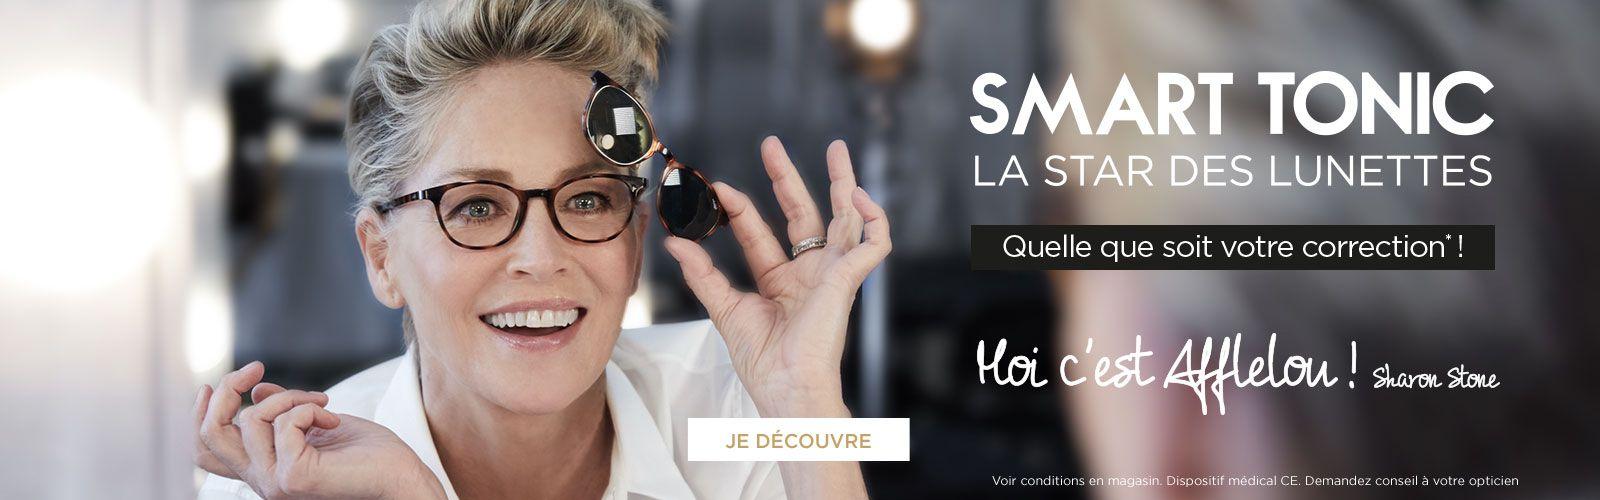 98d7218699a15d Opticien Alain Afflelou   Lunettes, lunettes de soleil et lentilles